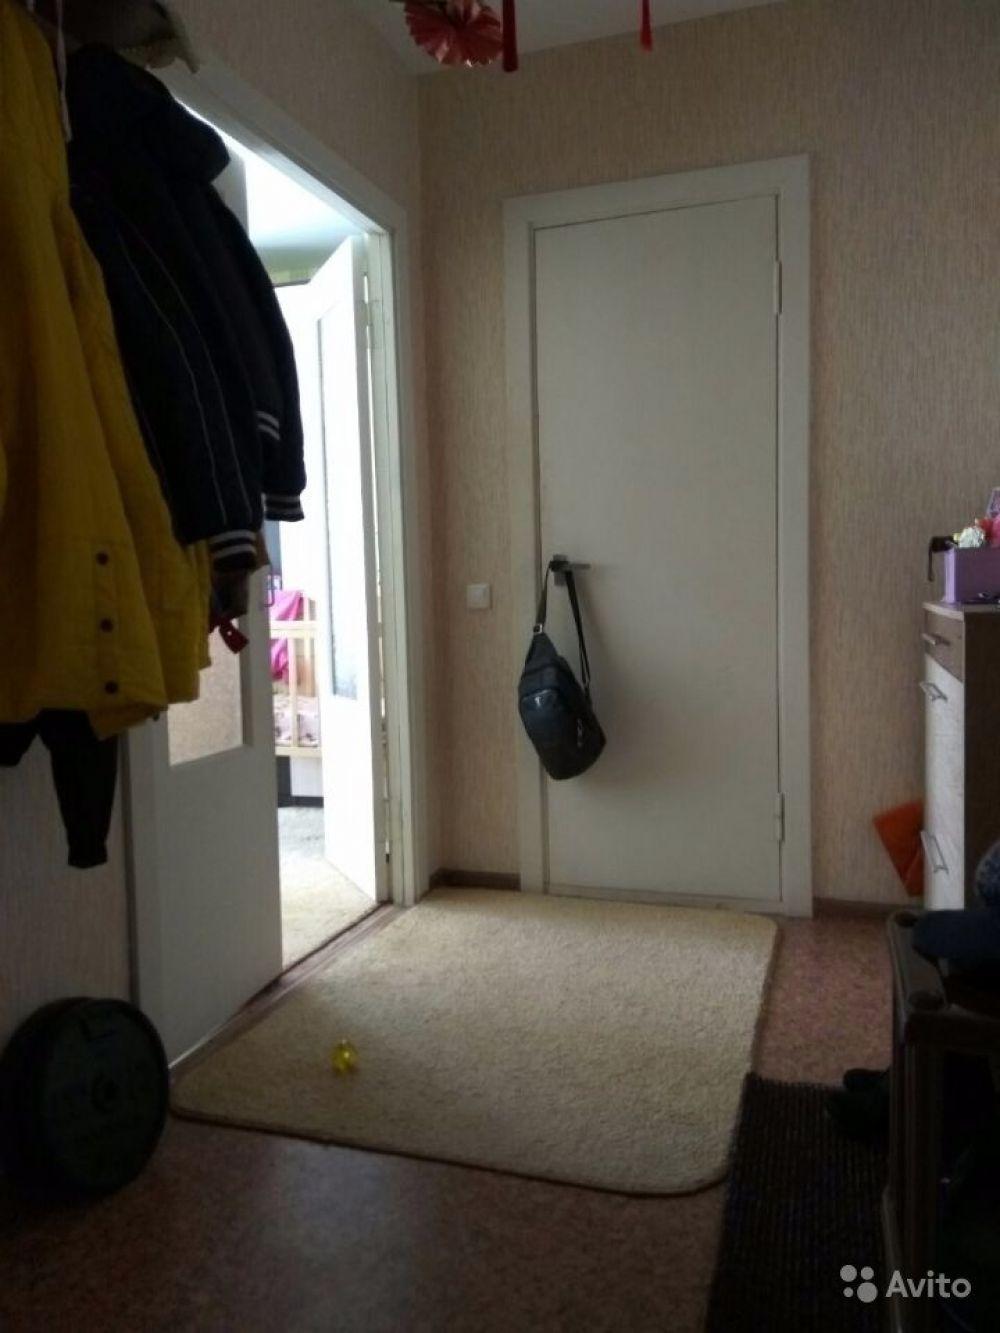 Однокомнатная квартира улучшенной планировки 47.6 м2, г. Щелково, Богородский мкр,10, фото 7